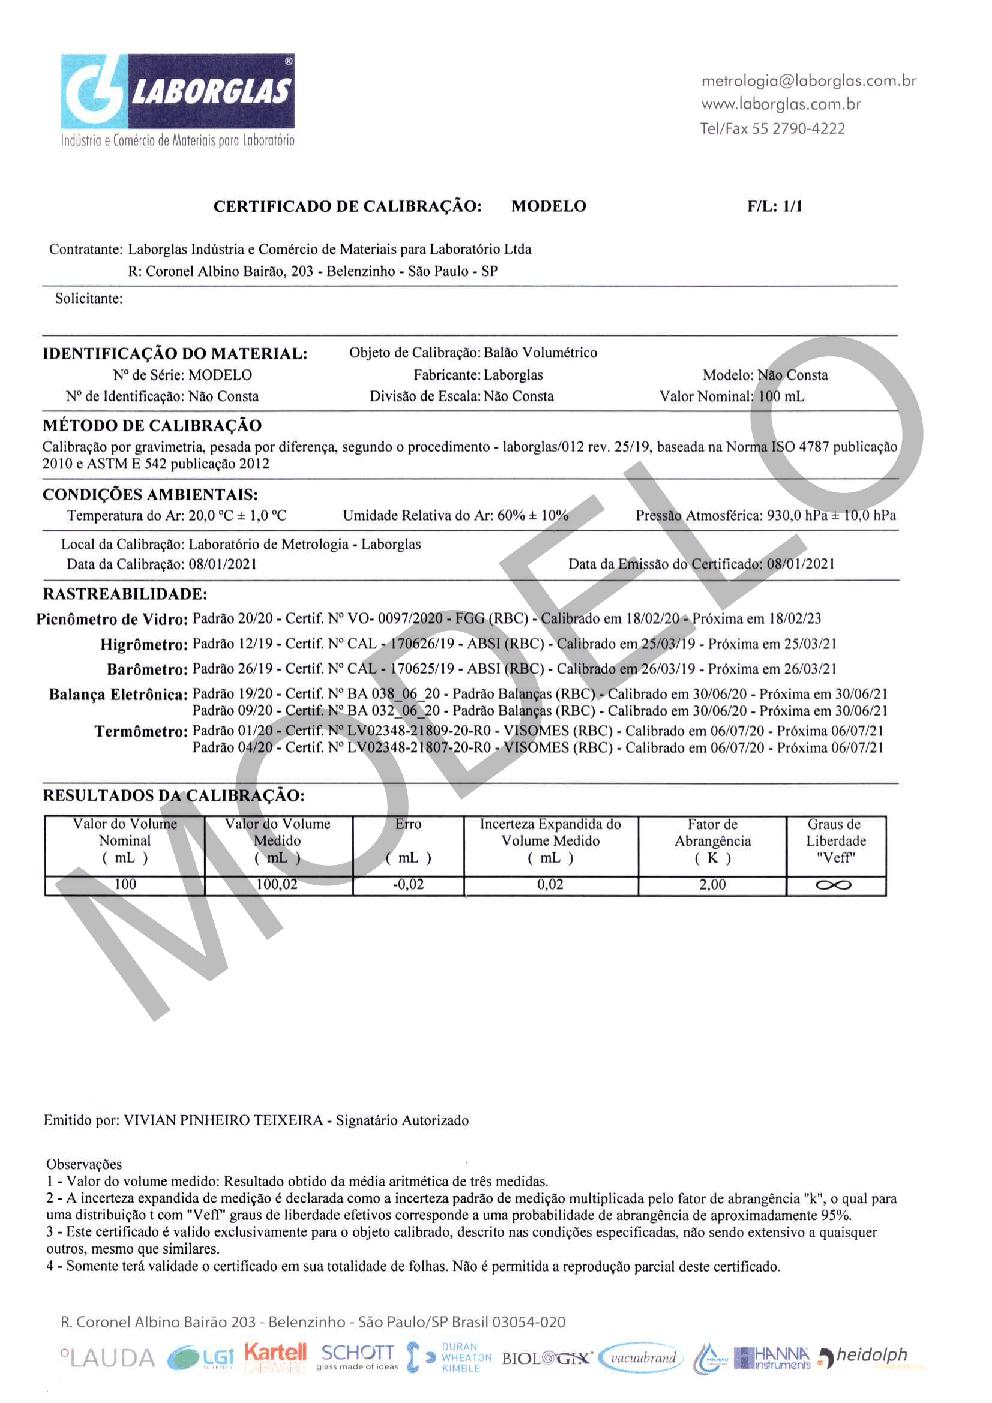 BALÃO VOLUMÉTRICO CLASSE A ROLHA POLI C/ CERTIFICADO RASTREÁVEL 30 ML - Marca Laborglas - Cód. 9167815-C